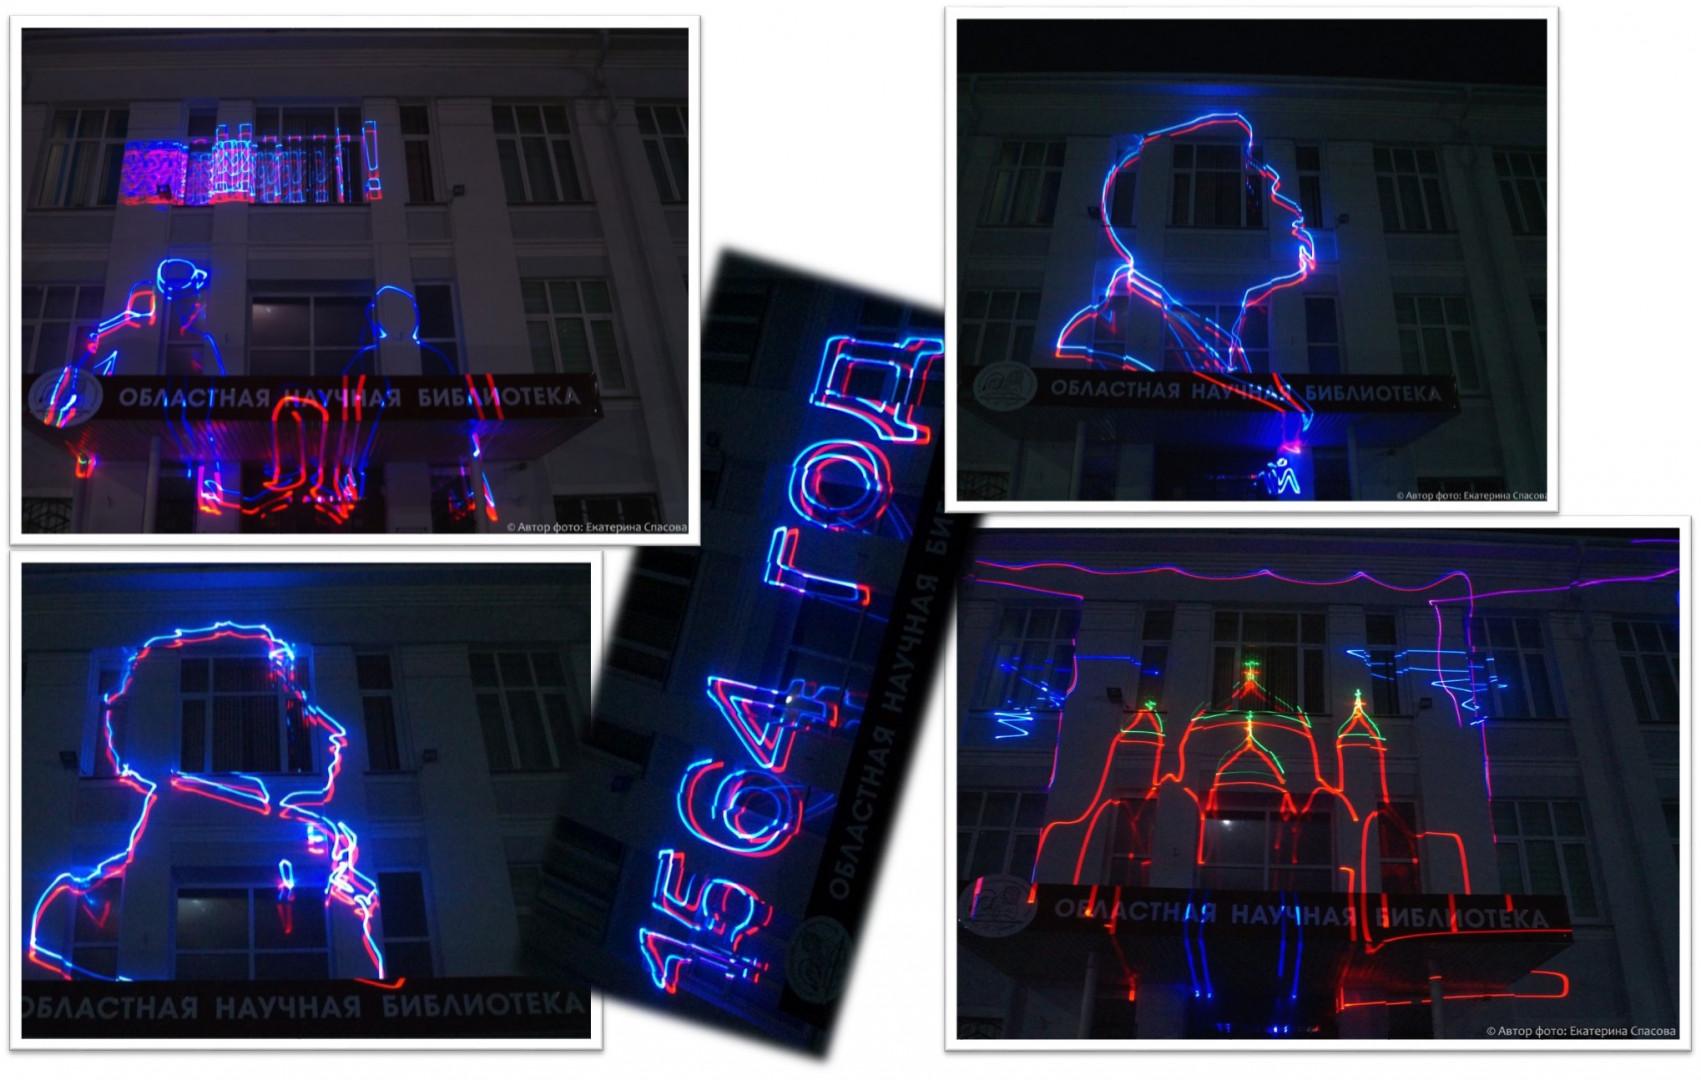 Фрагменты лазерного представления